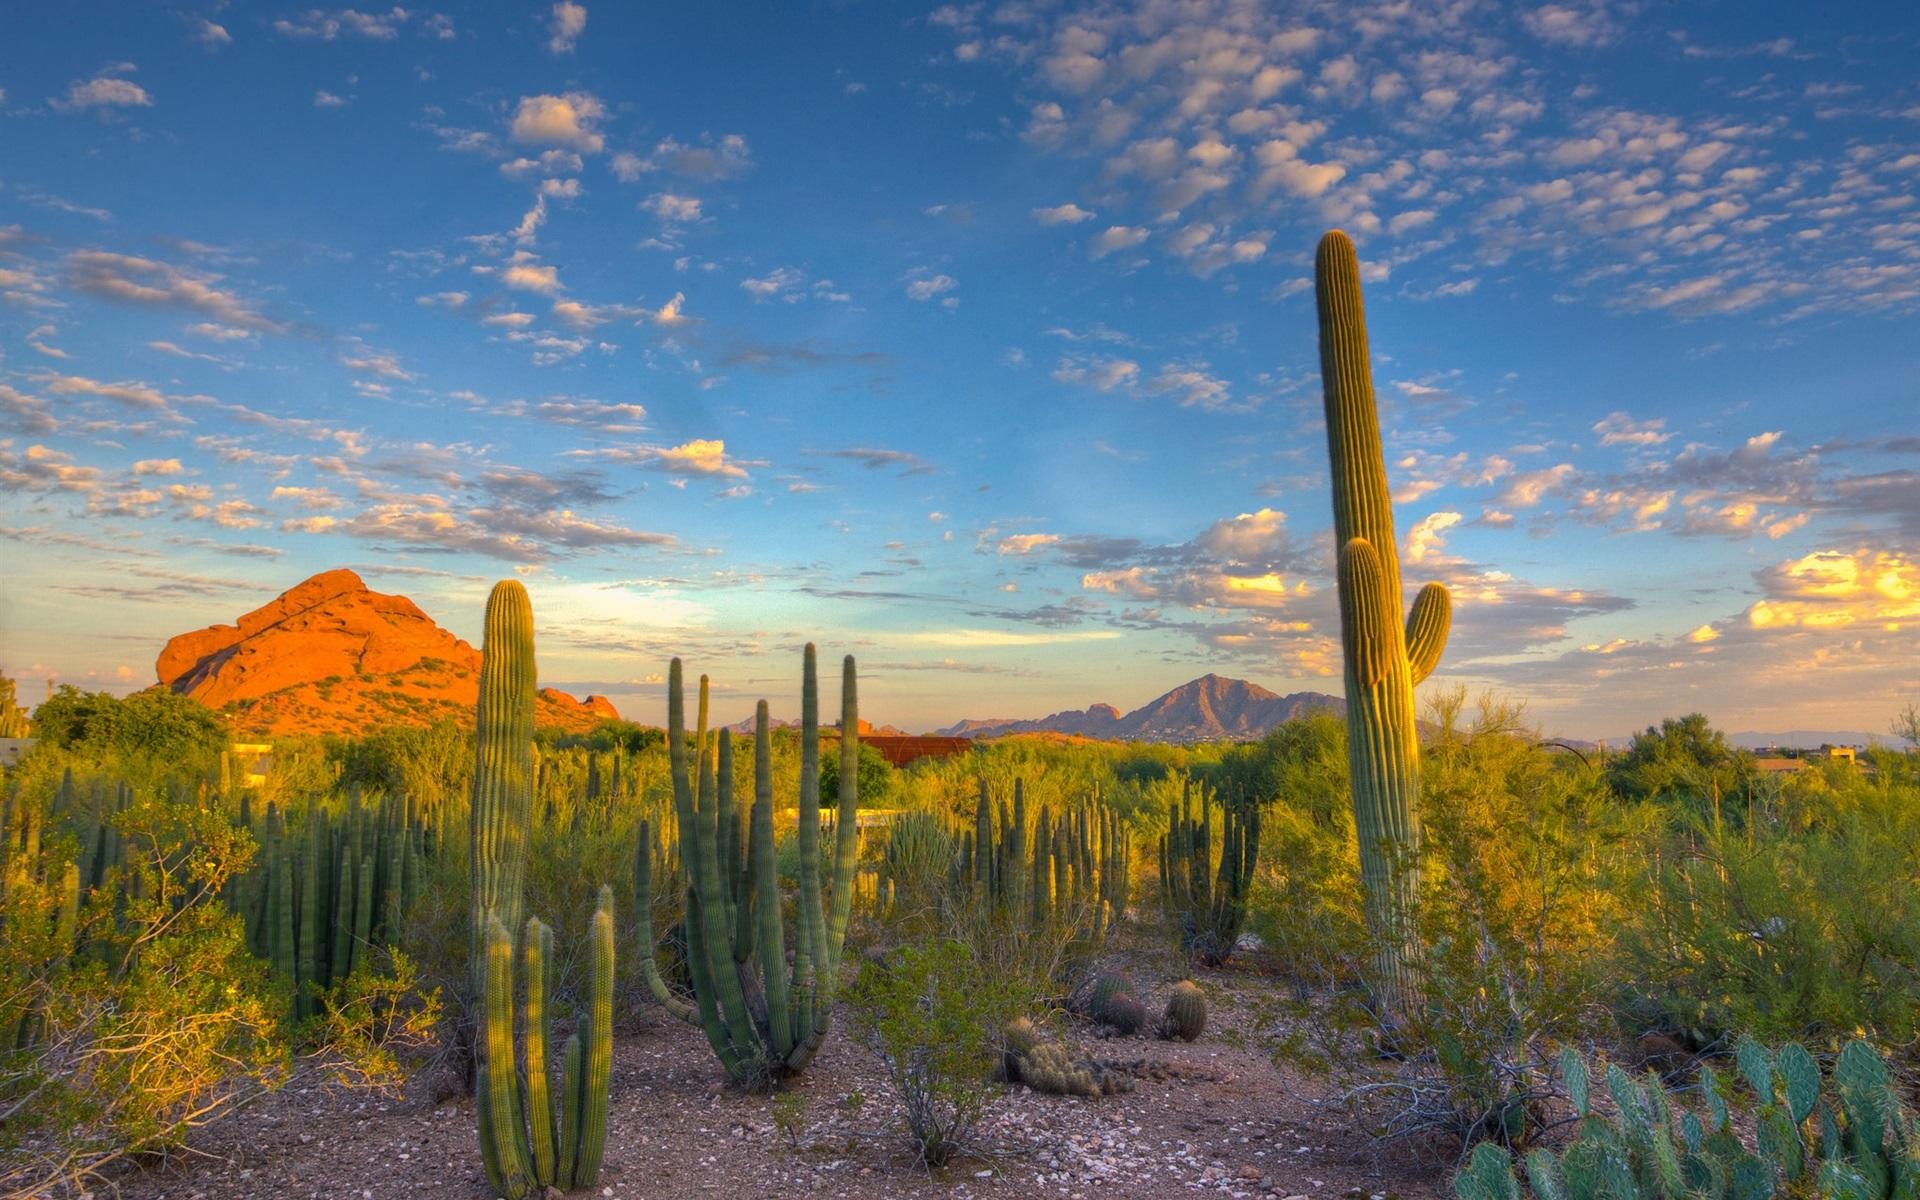 Arizona desert cactus pictures